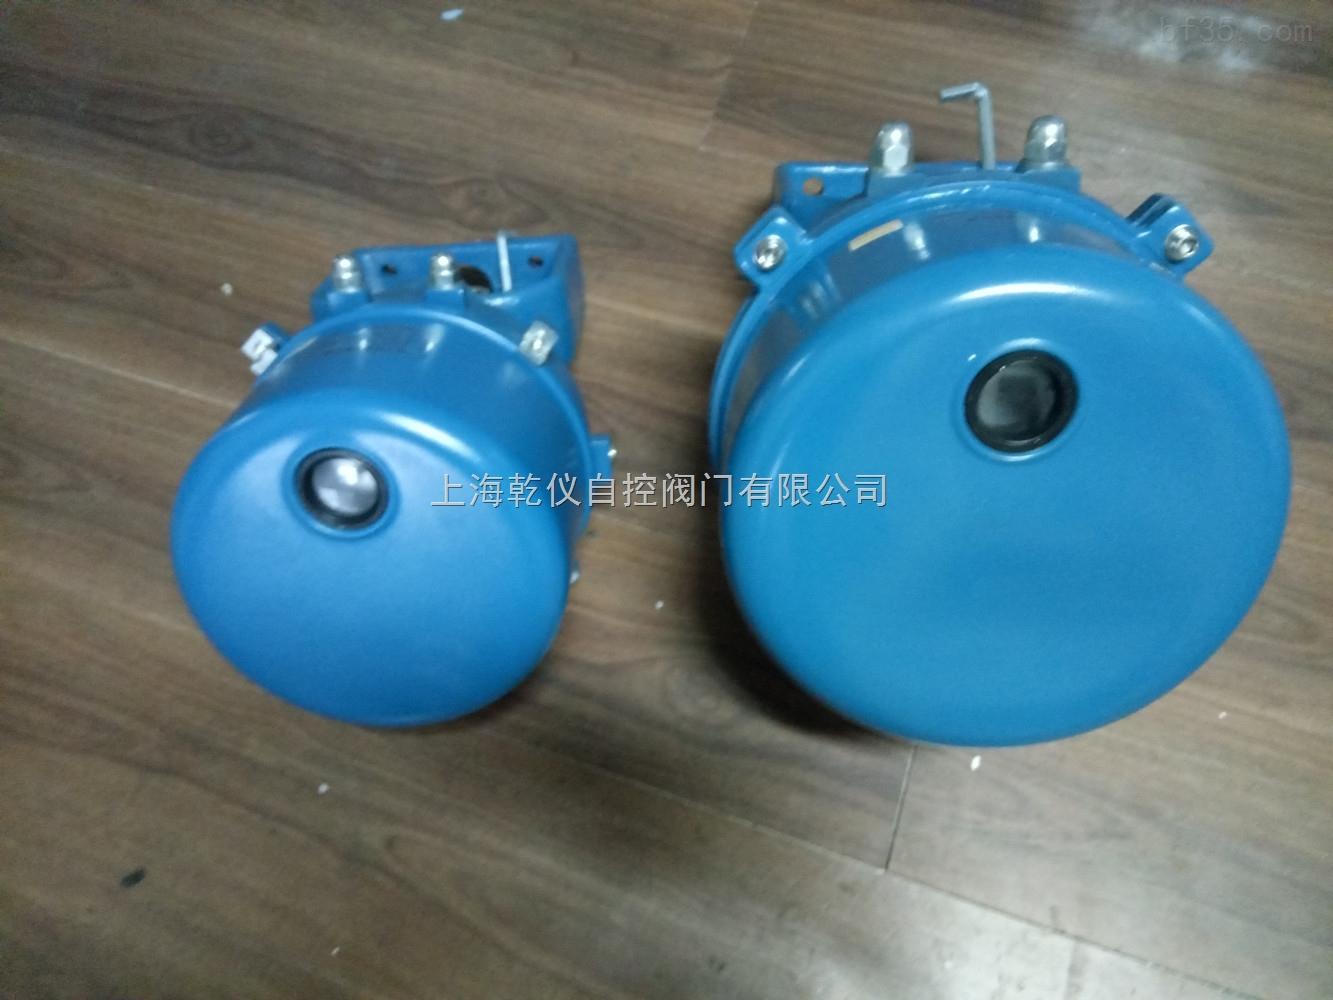 DKJ-710X角行程执行器 DKJ-510S智能型执行器 DKJ-610X